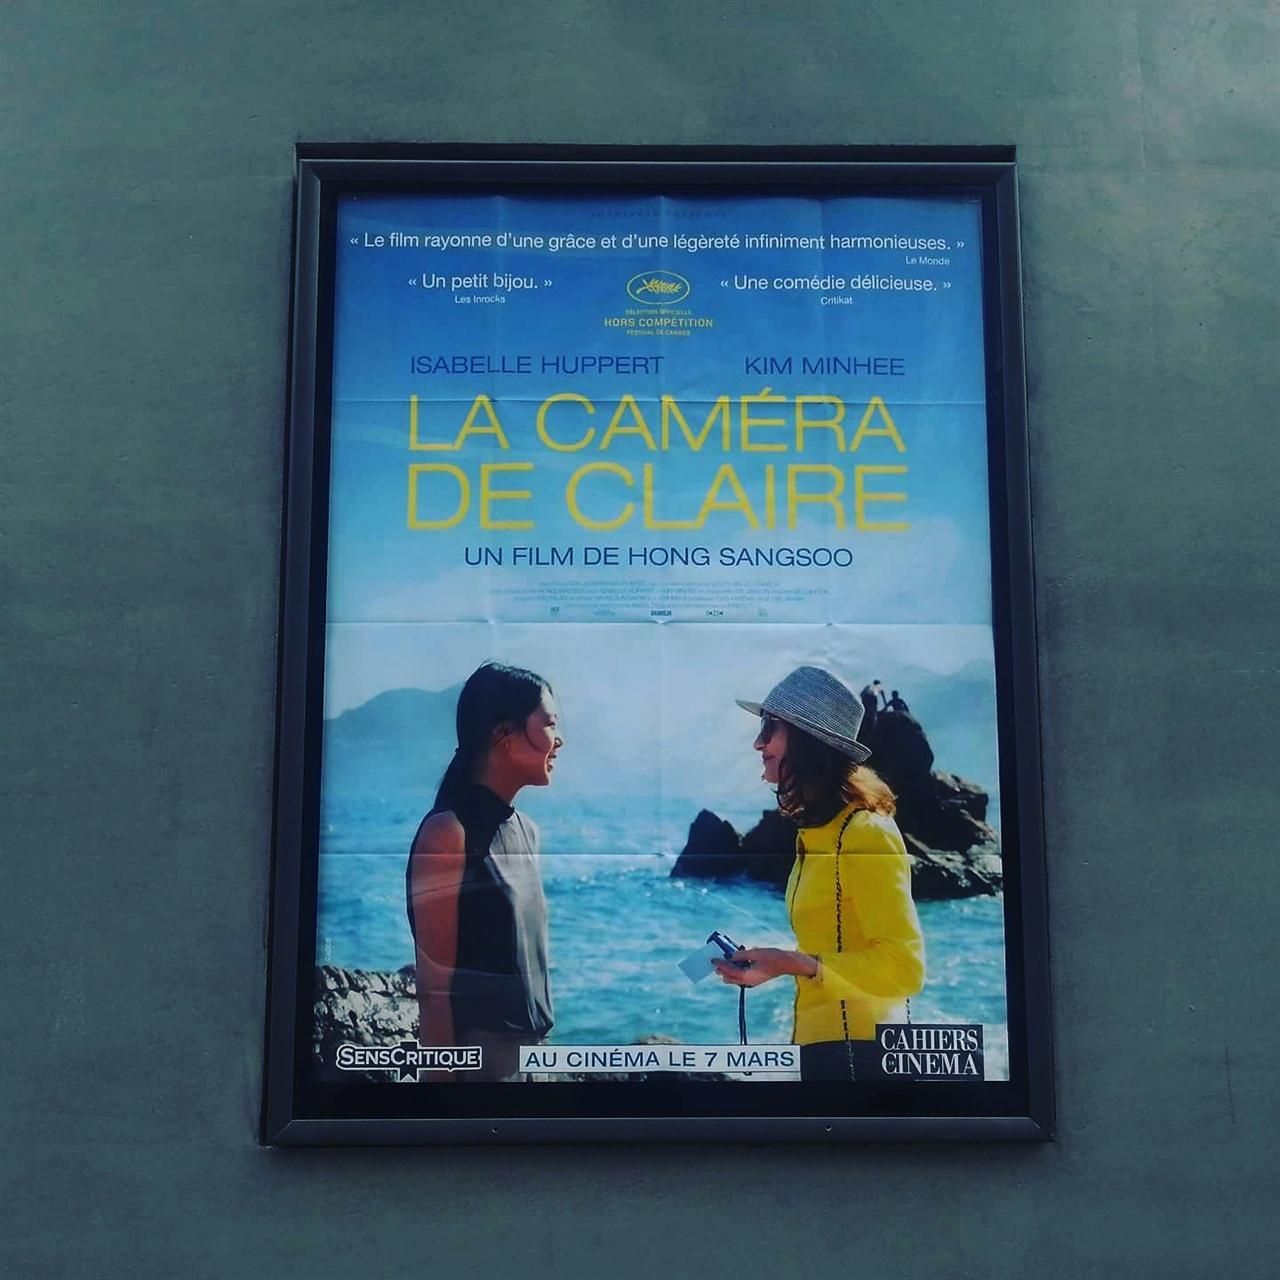 프랑스 영화관에 부착된 홍상수 감독의 영화 '클레어의 카메라' 포스터